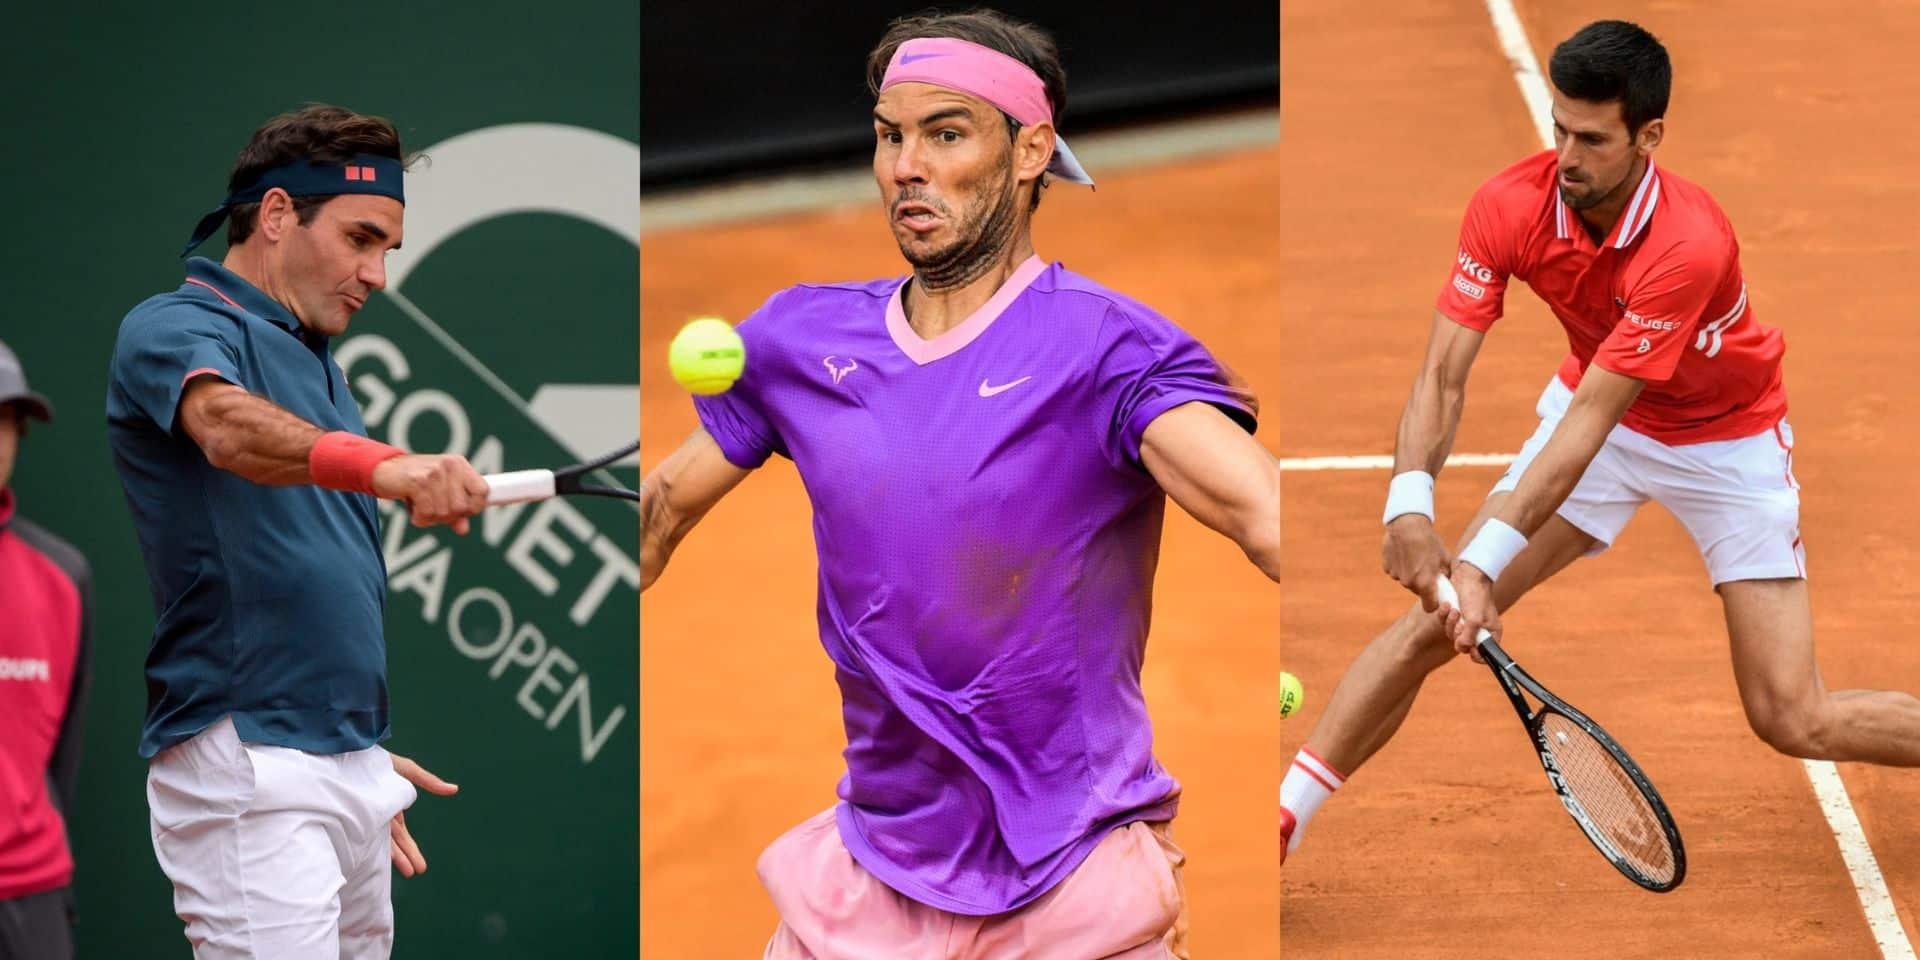 Roland-Garros: Djokovic, Nadal et Federer dans la même moitié de tableau